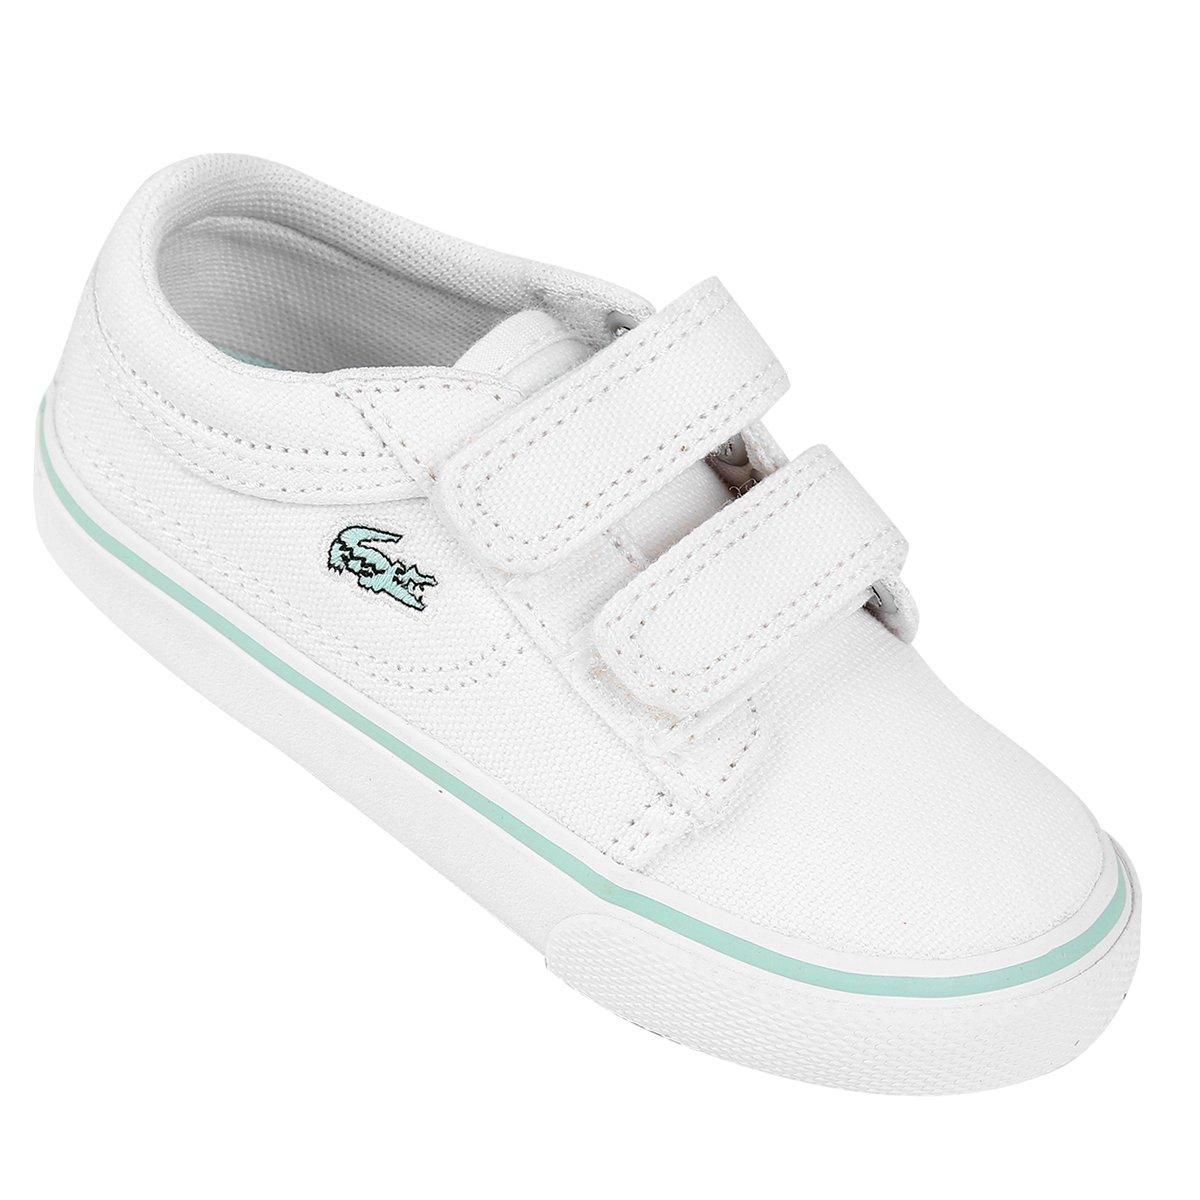 ... Agora Netshoes  e61f6891128 Tênis Lacoste Vaultstar Ppg Infantil -  Branco e Verde Água - Compre . cfee5a02a9